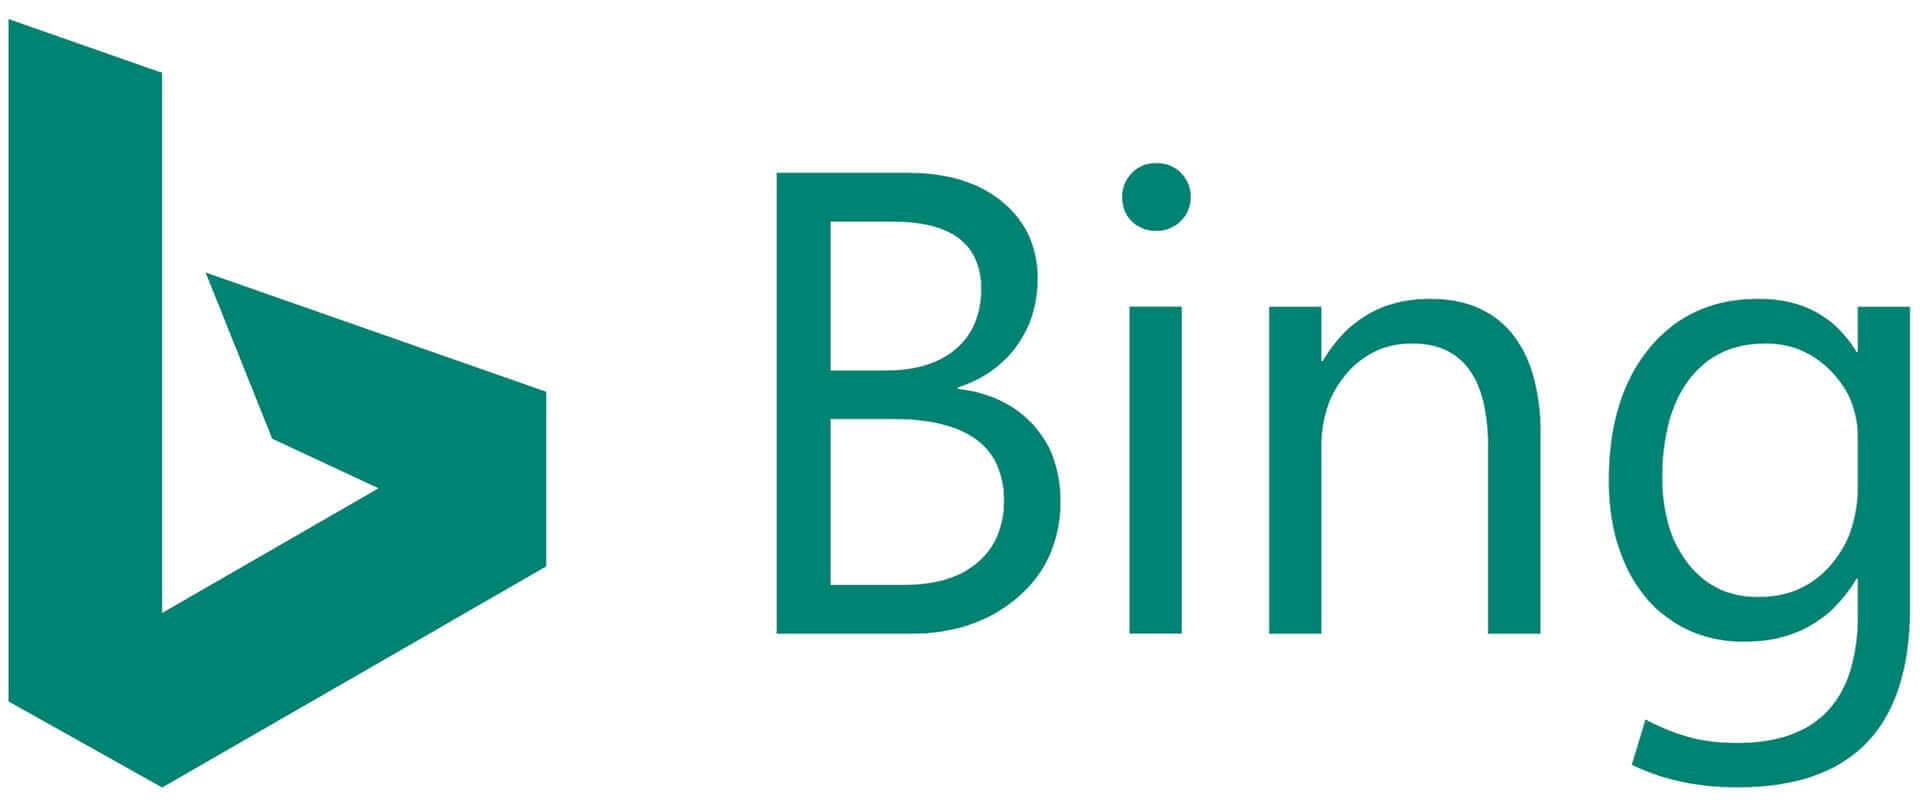 Bing Ads Services Logo